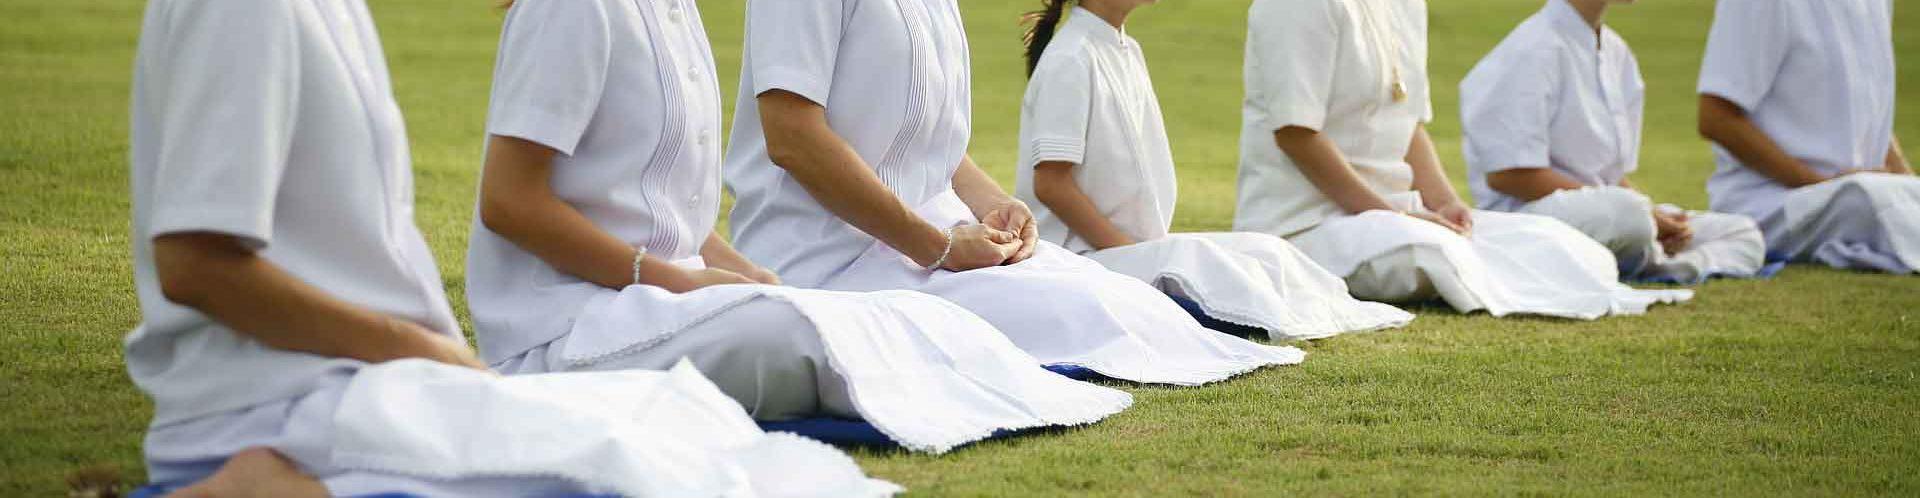 Uno Spazio Dove Puoi Meditare